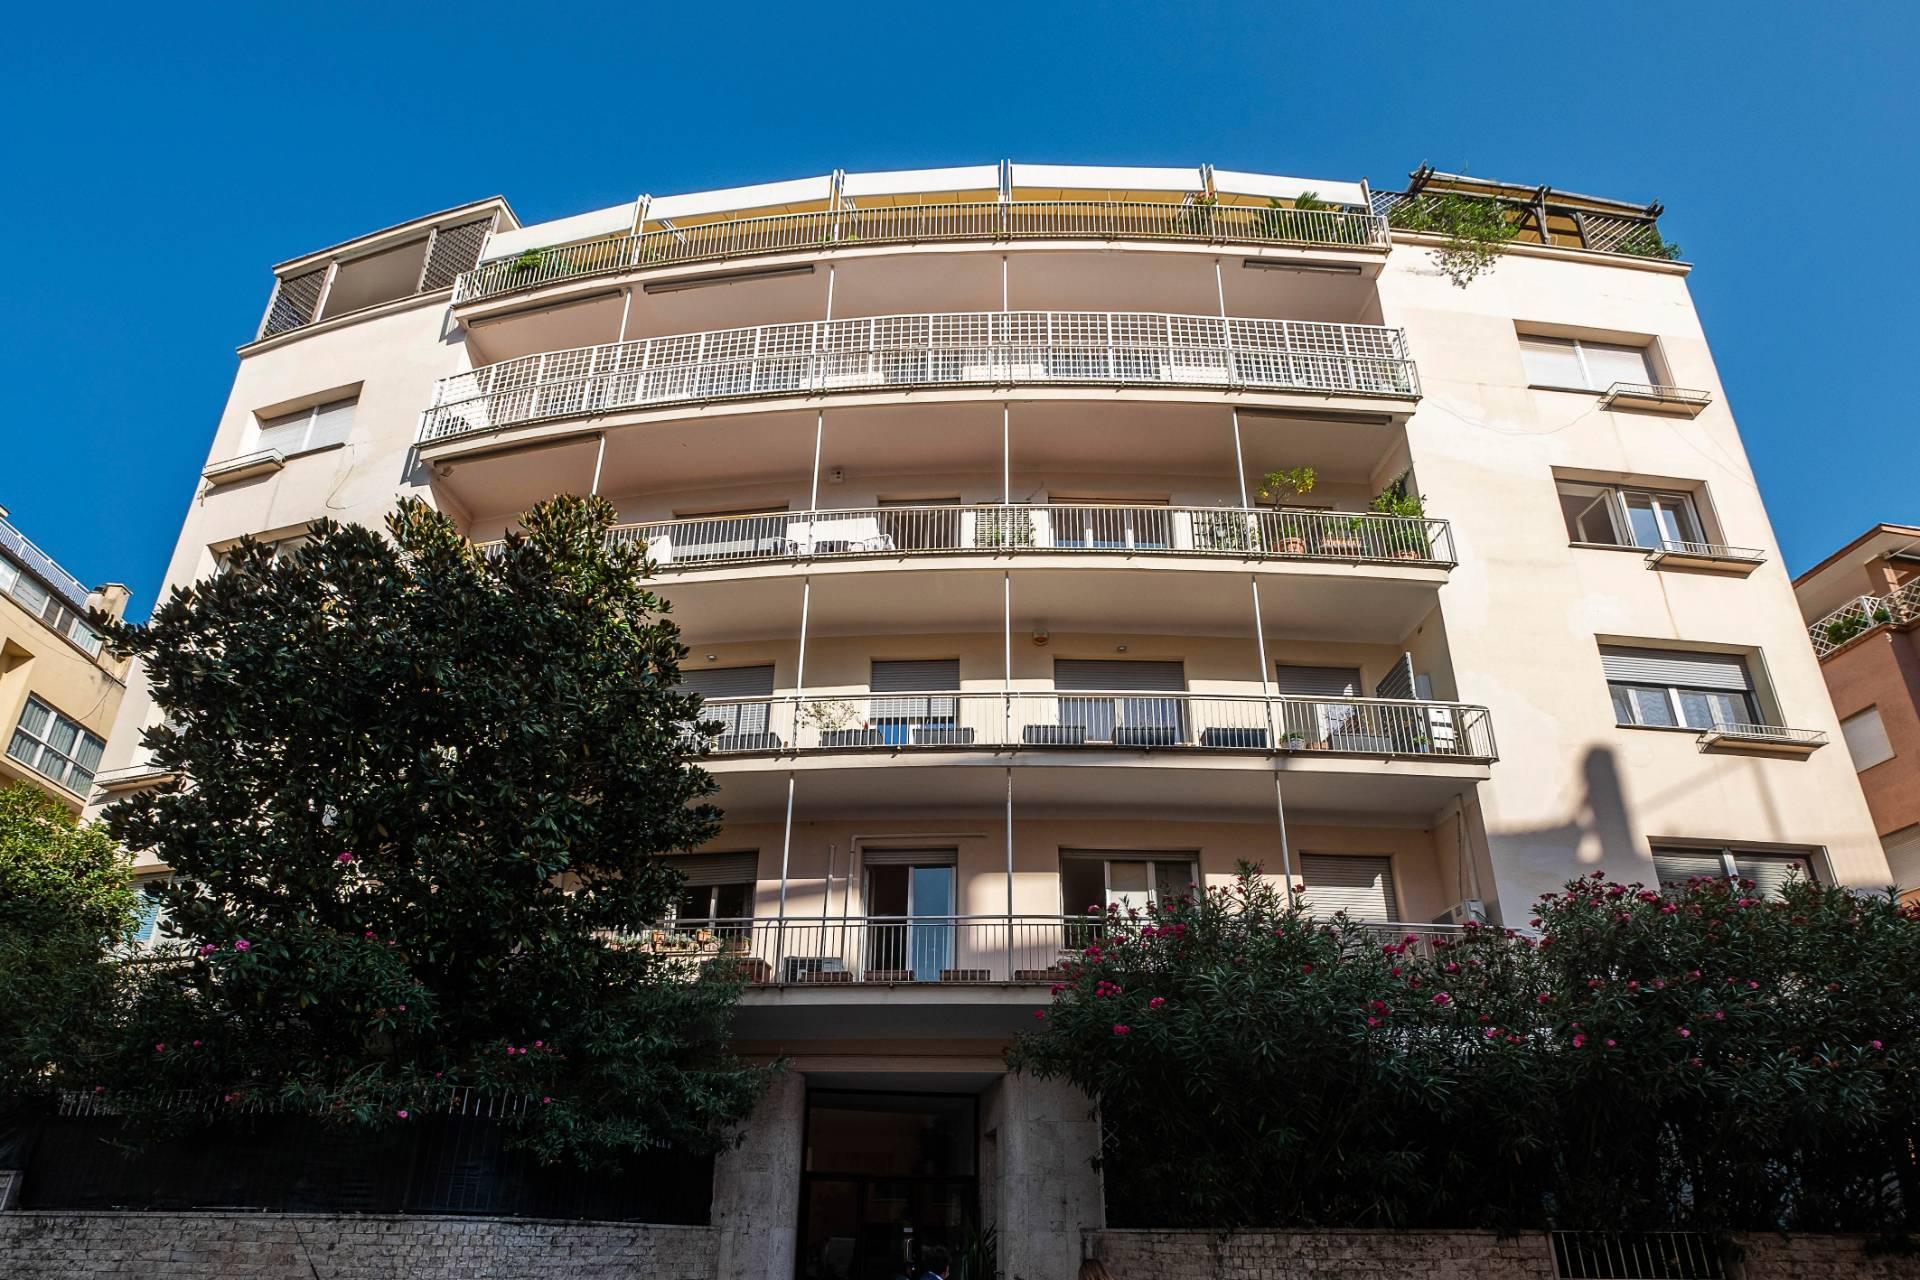 Appartamento in Vendita a Roma 02 Parioli / Pinciano / Flaminio:  5 locali, 224 mq  - Foto 1